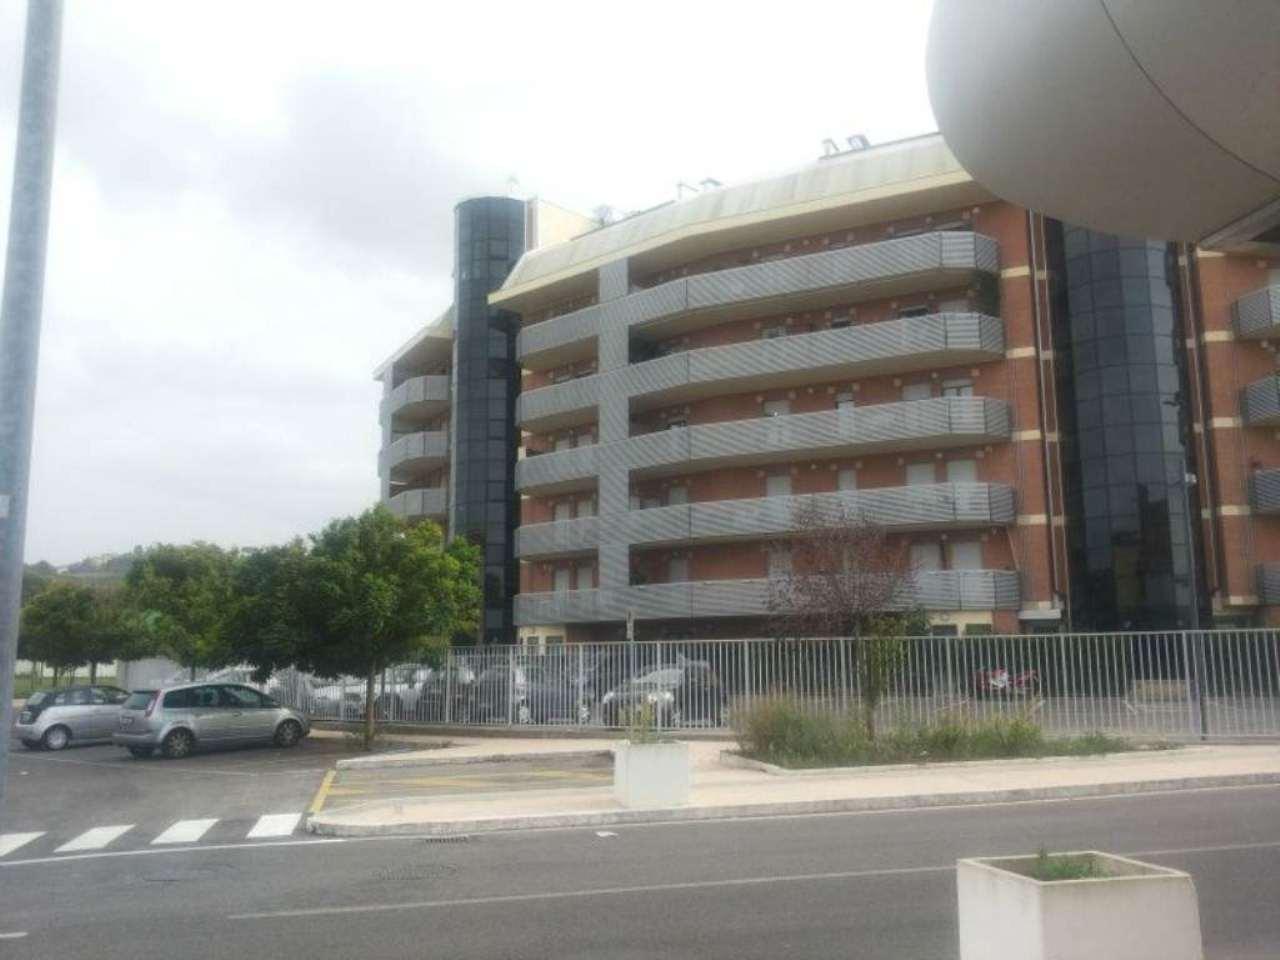 Bilocale Monterotondo Viale Via Al Commercio 2